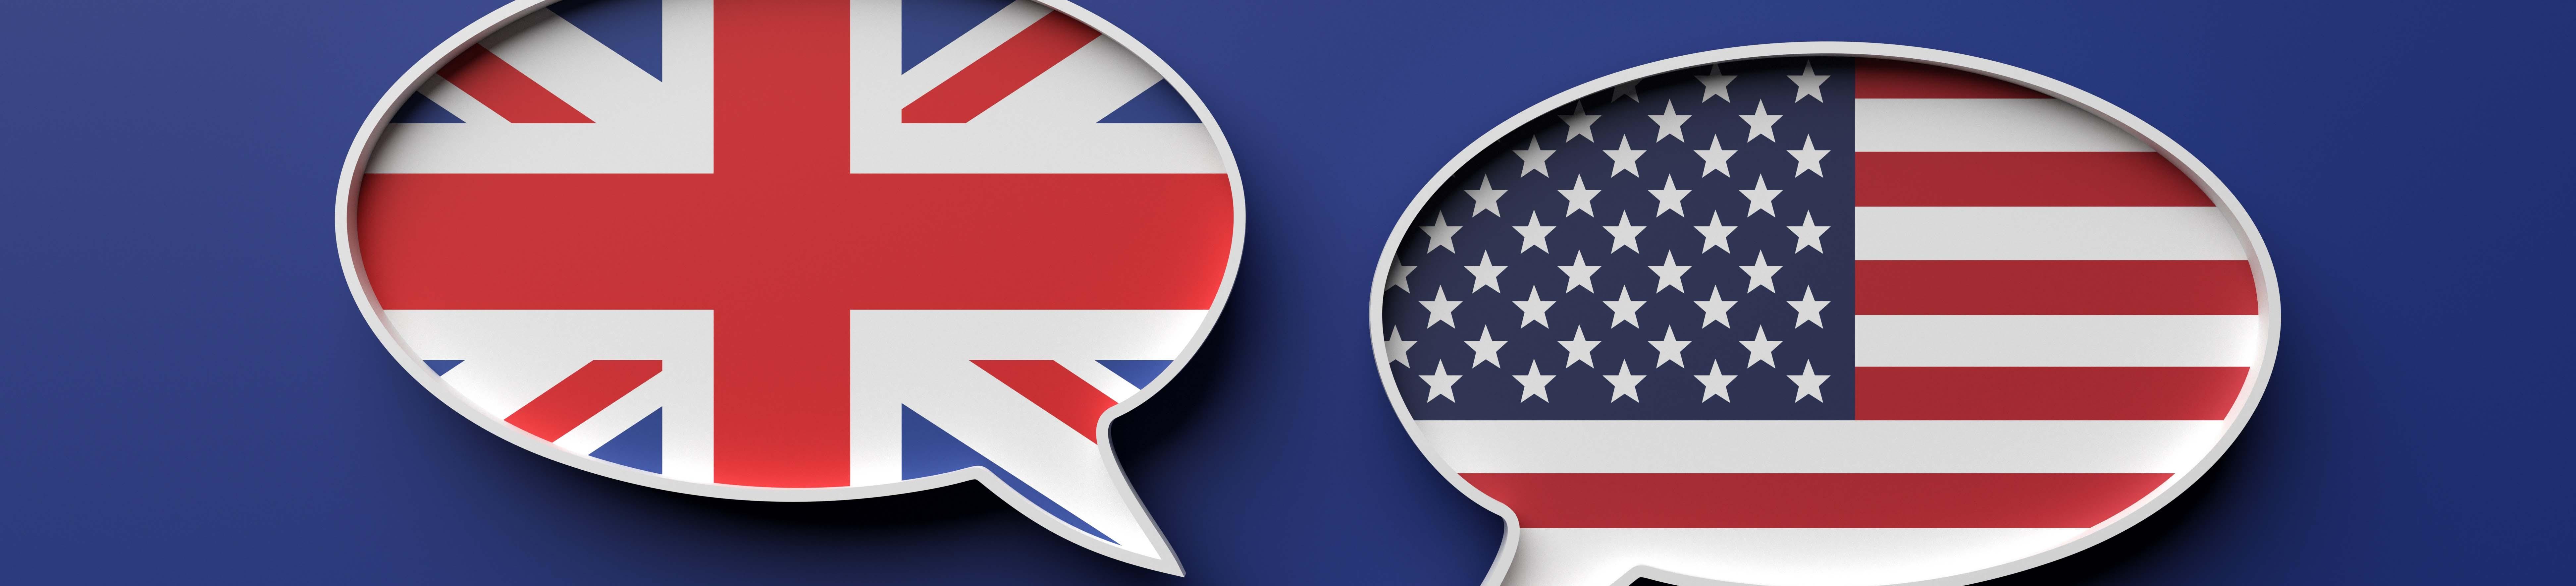 Langue USA : ce que vous devez savoir avant de partir aux Etats-Unis !